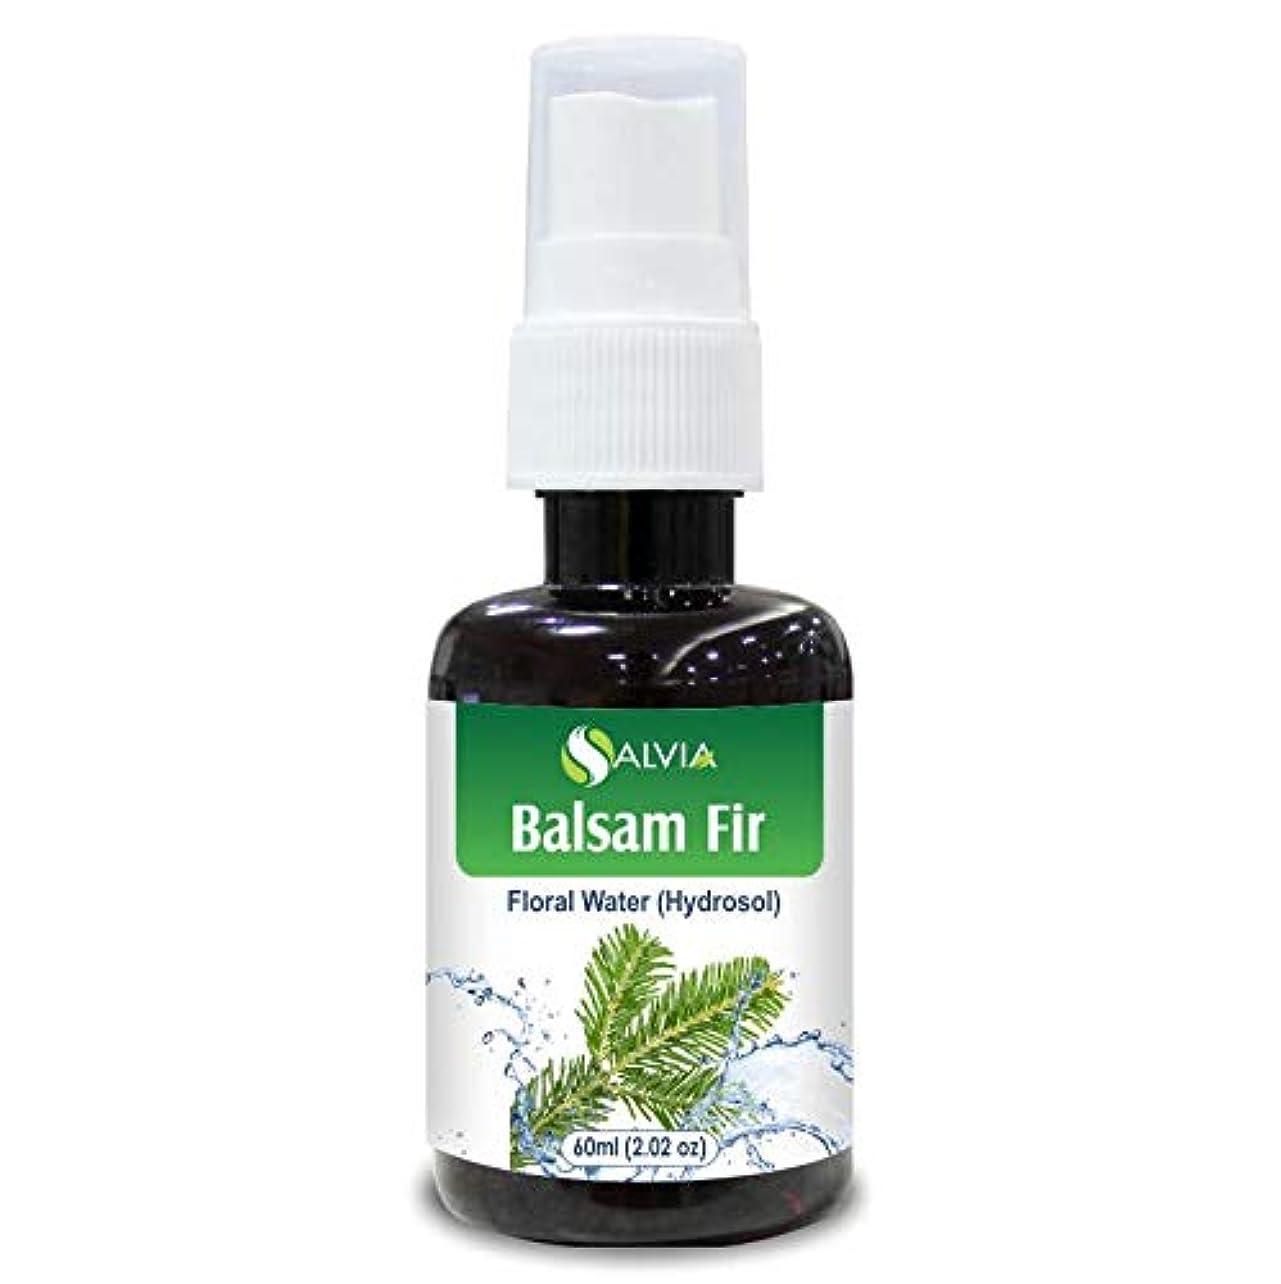 発揮する弓アブセイBalsam Fir Floral Water 60ml (Hydrosol) 100% Pure And Natural